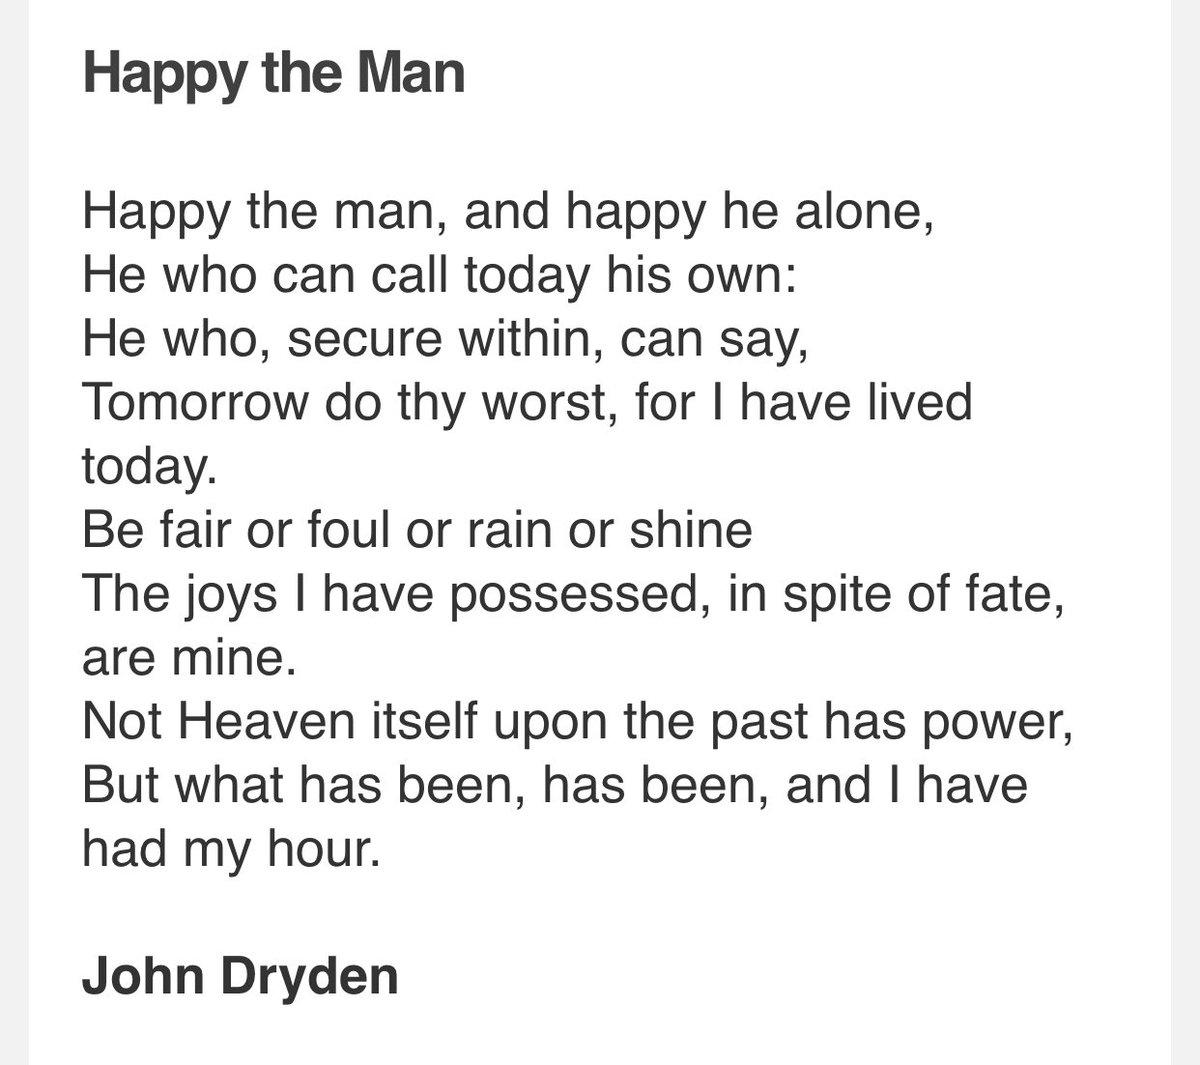 Rachel Kelly On Twitter Love This Poem By John Dryden It